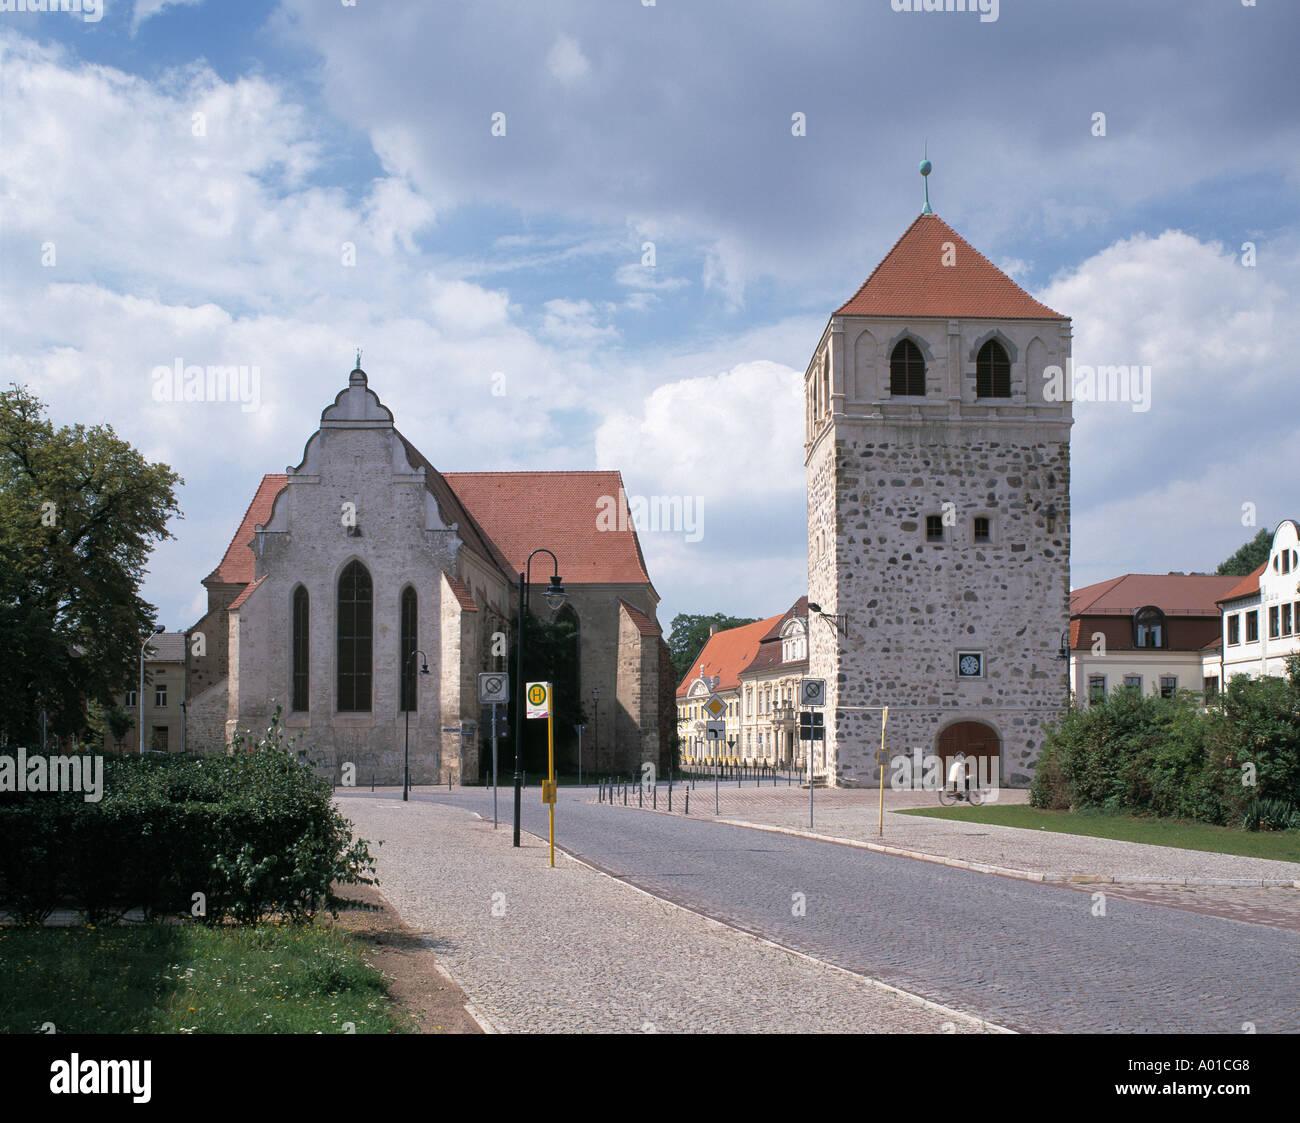 Bartholomaeikirche und Dicker Turm an der Schlossfreiheit in Zerbst, Sachsen-Anhalt Stock Photo